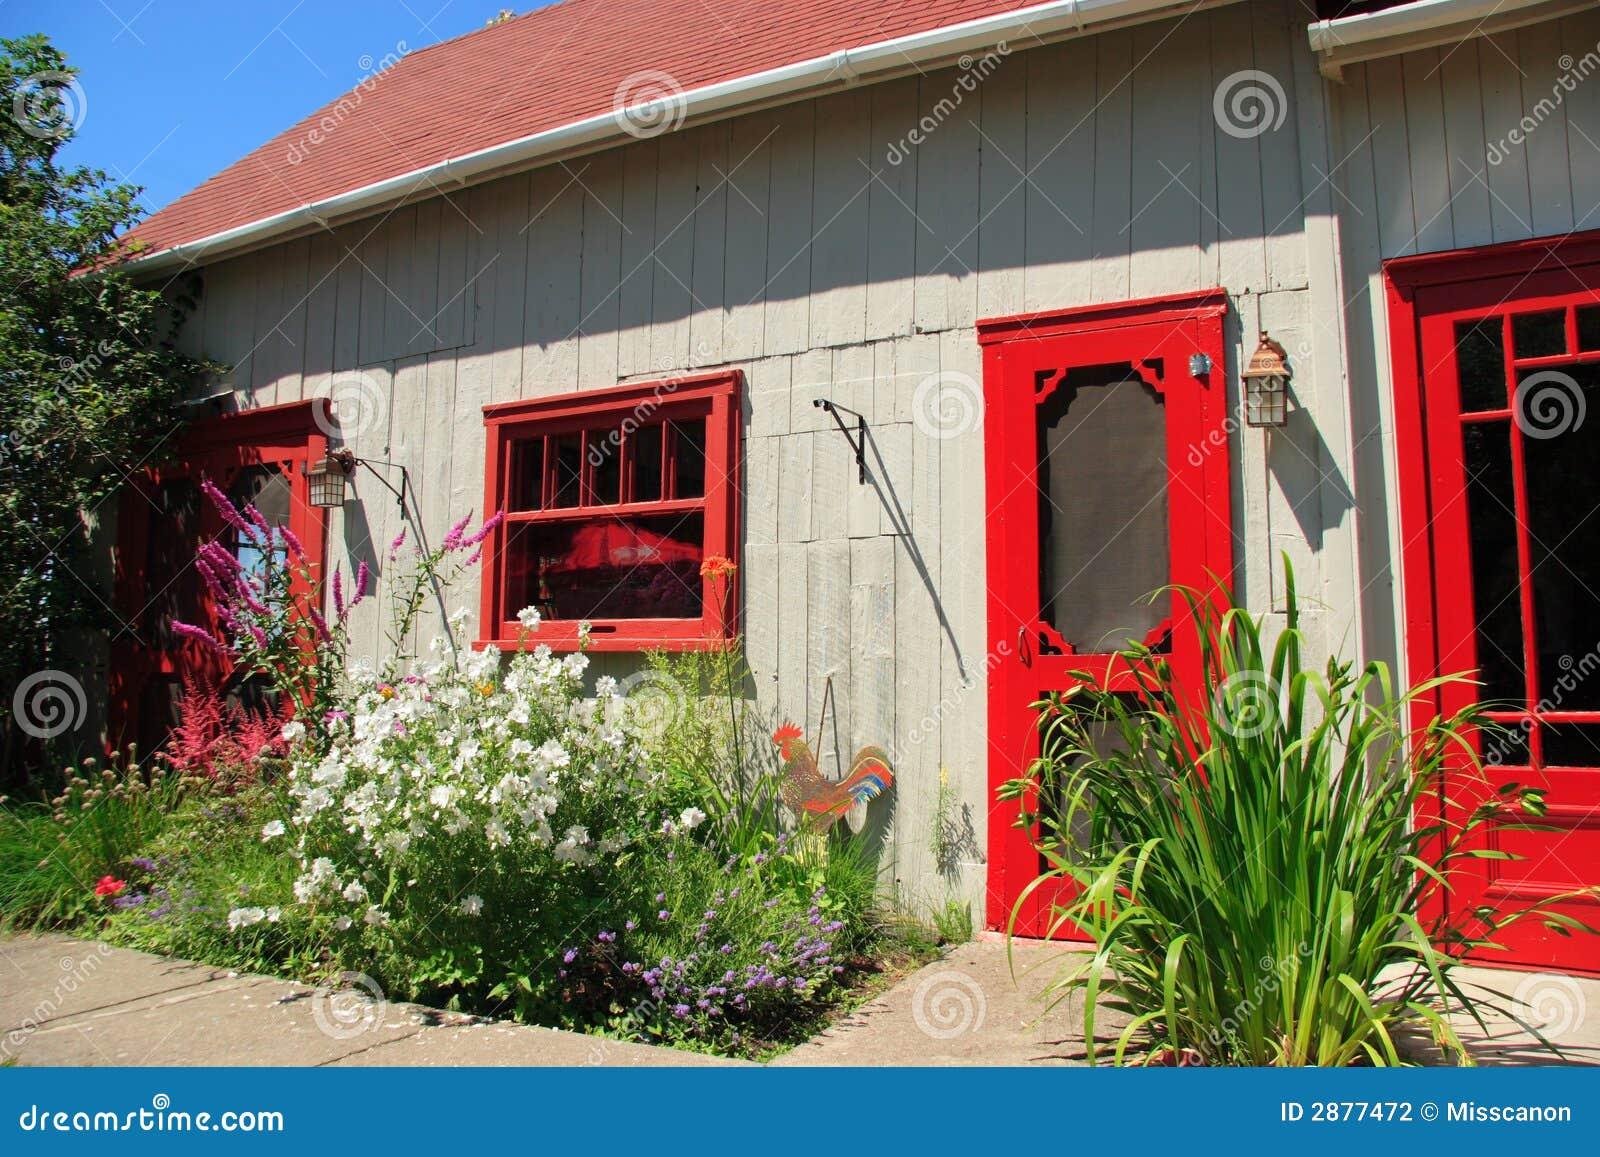 Facciata Casa Di Campagna facciata della casa di campagna fotografia stock - immagine